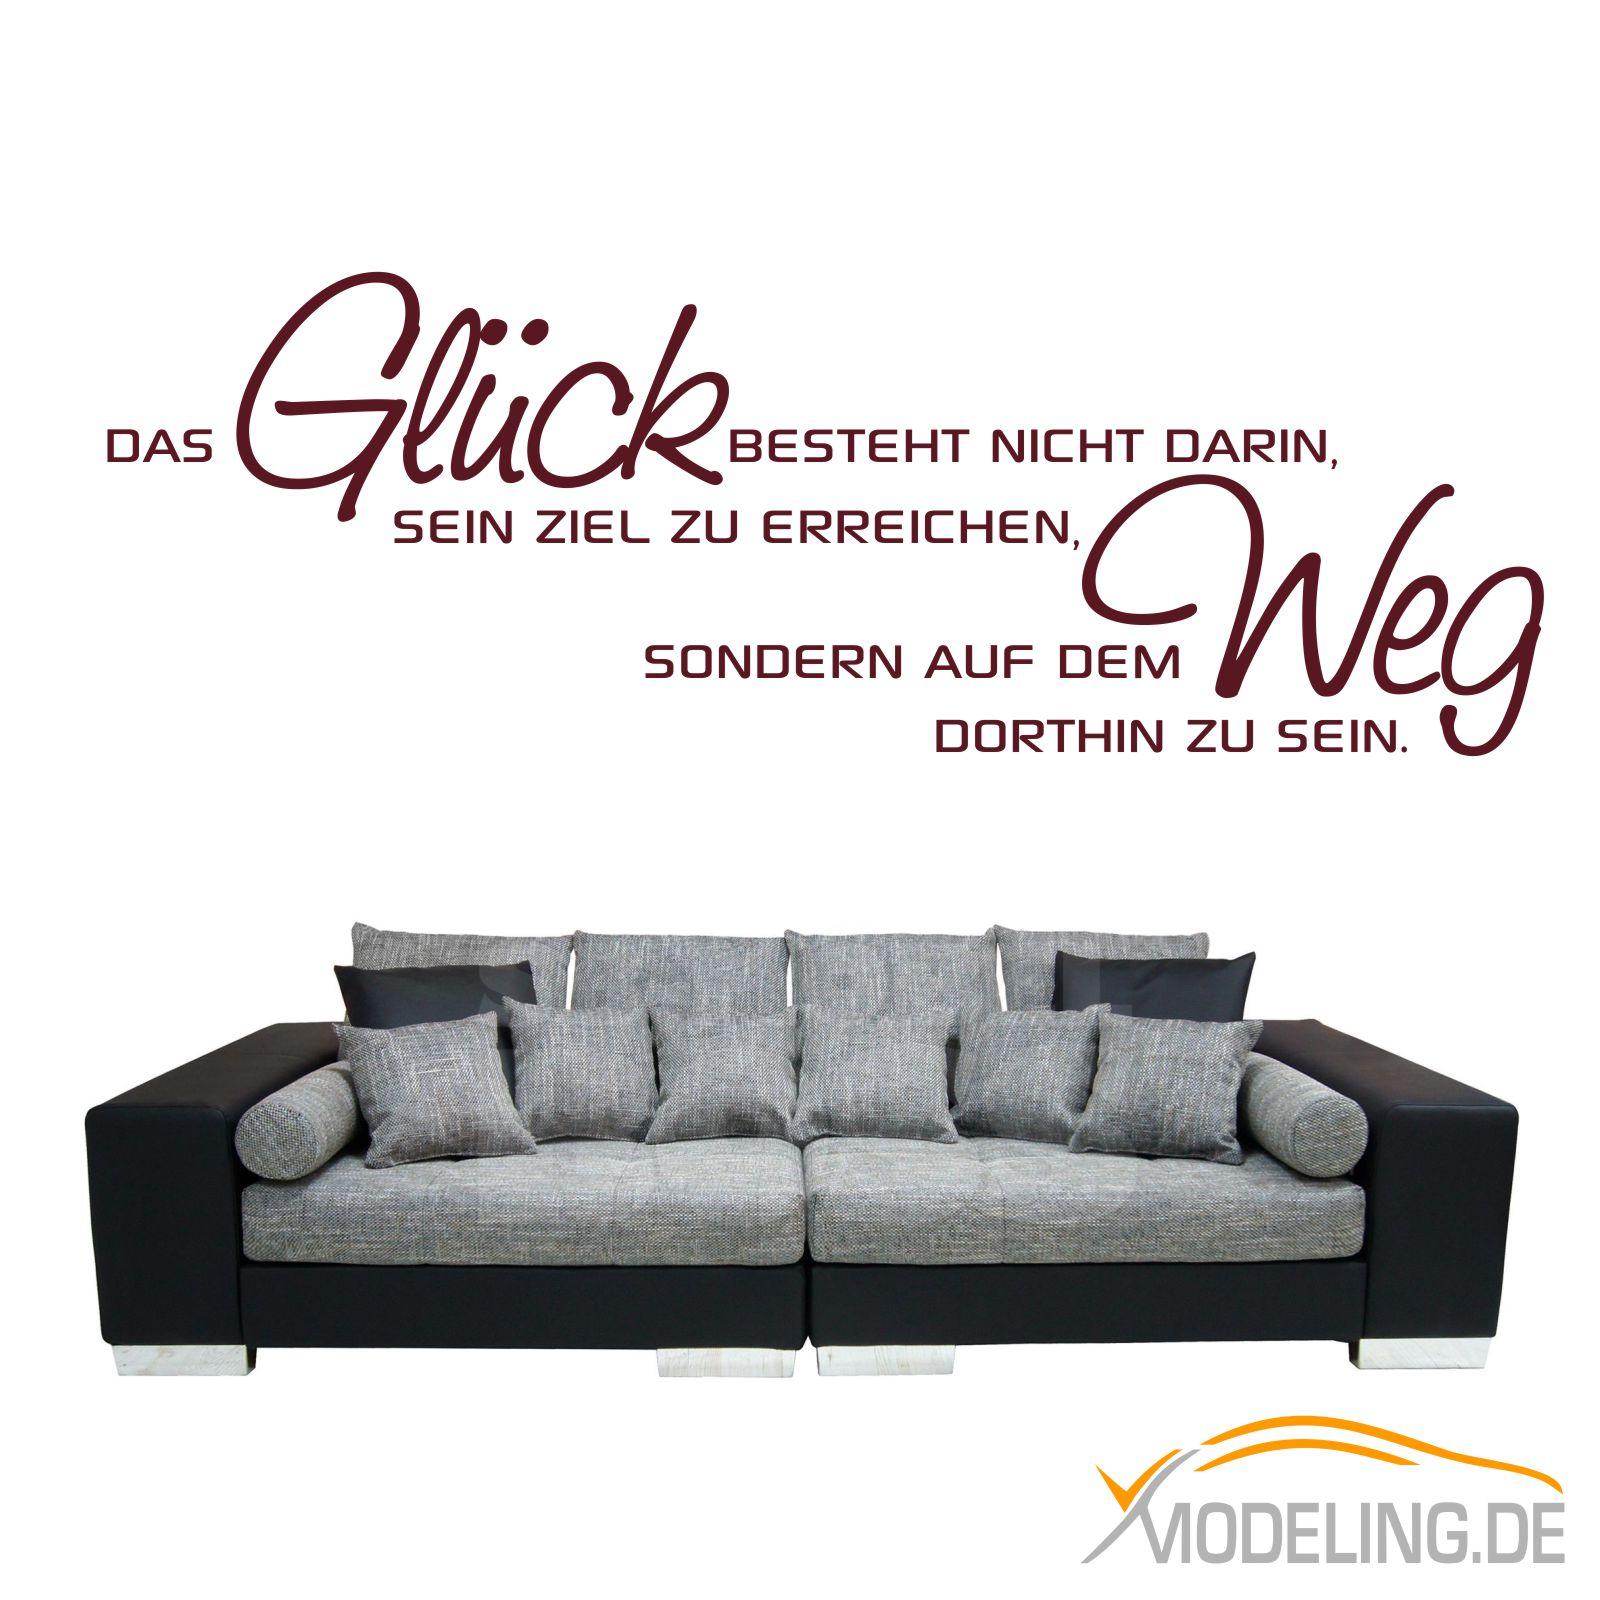 Fascinating Sprüche Mit Glück Photo Of Wandtattoo-1360-glueck-weg-ziel-wohnzimmer-wandaufkleber-sprueche-